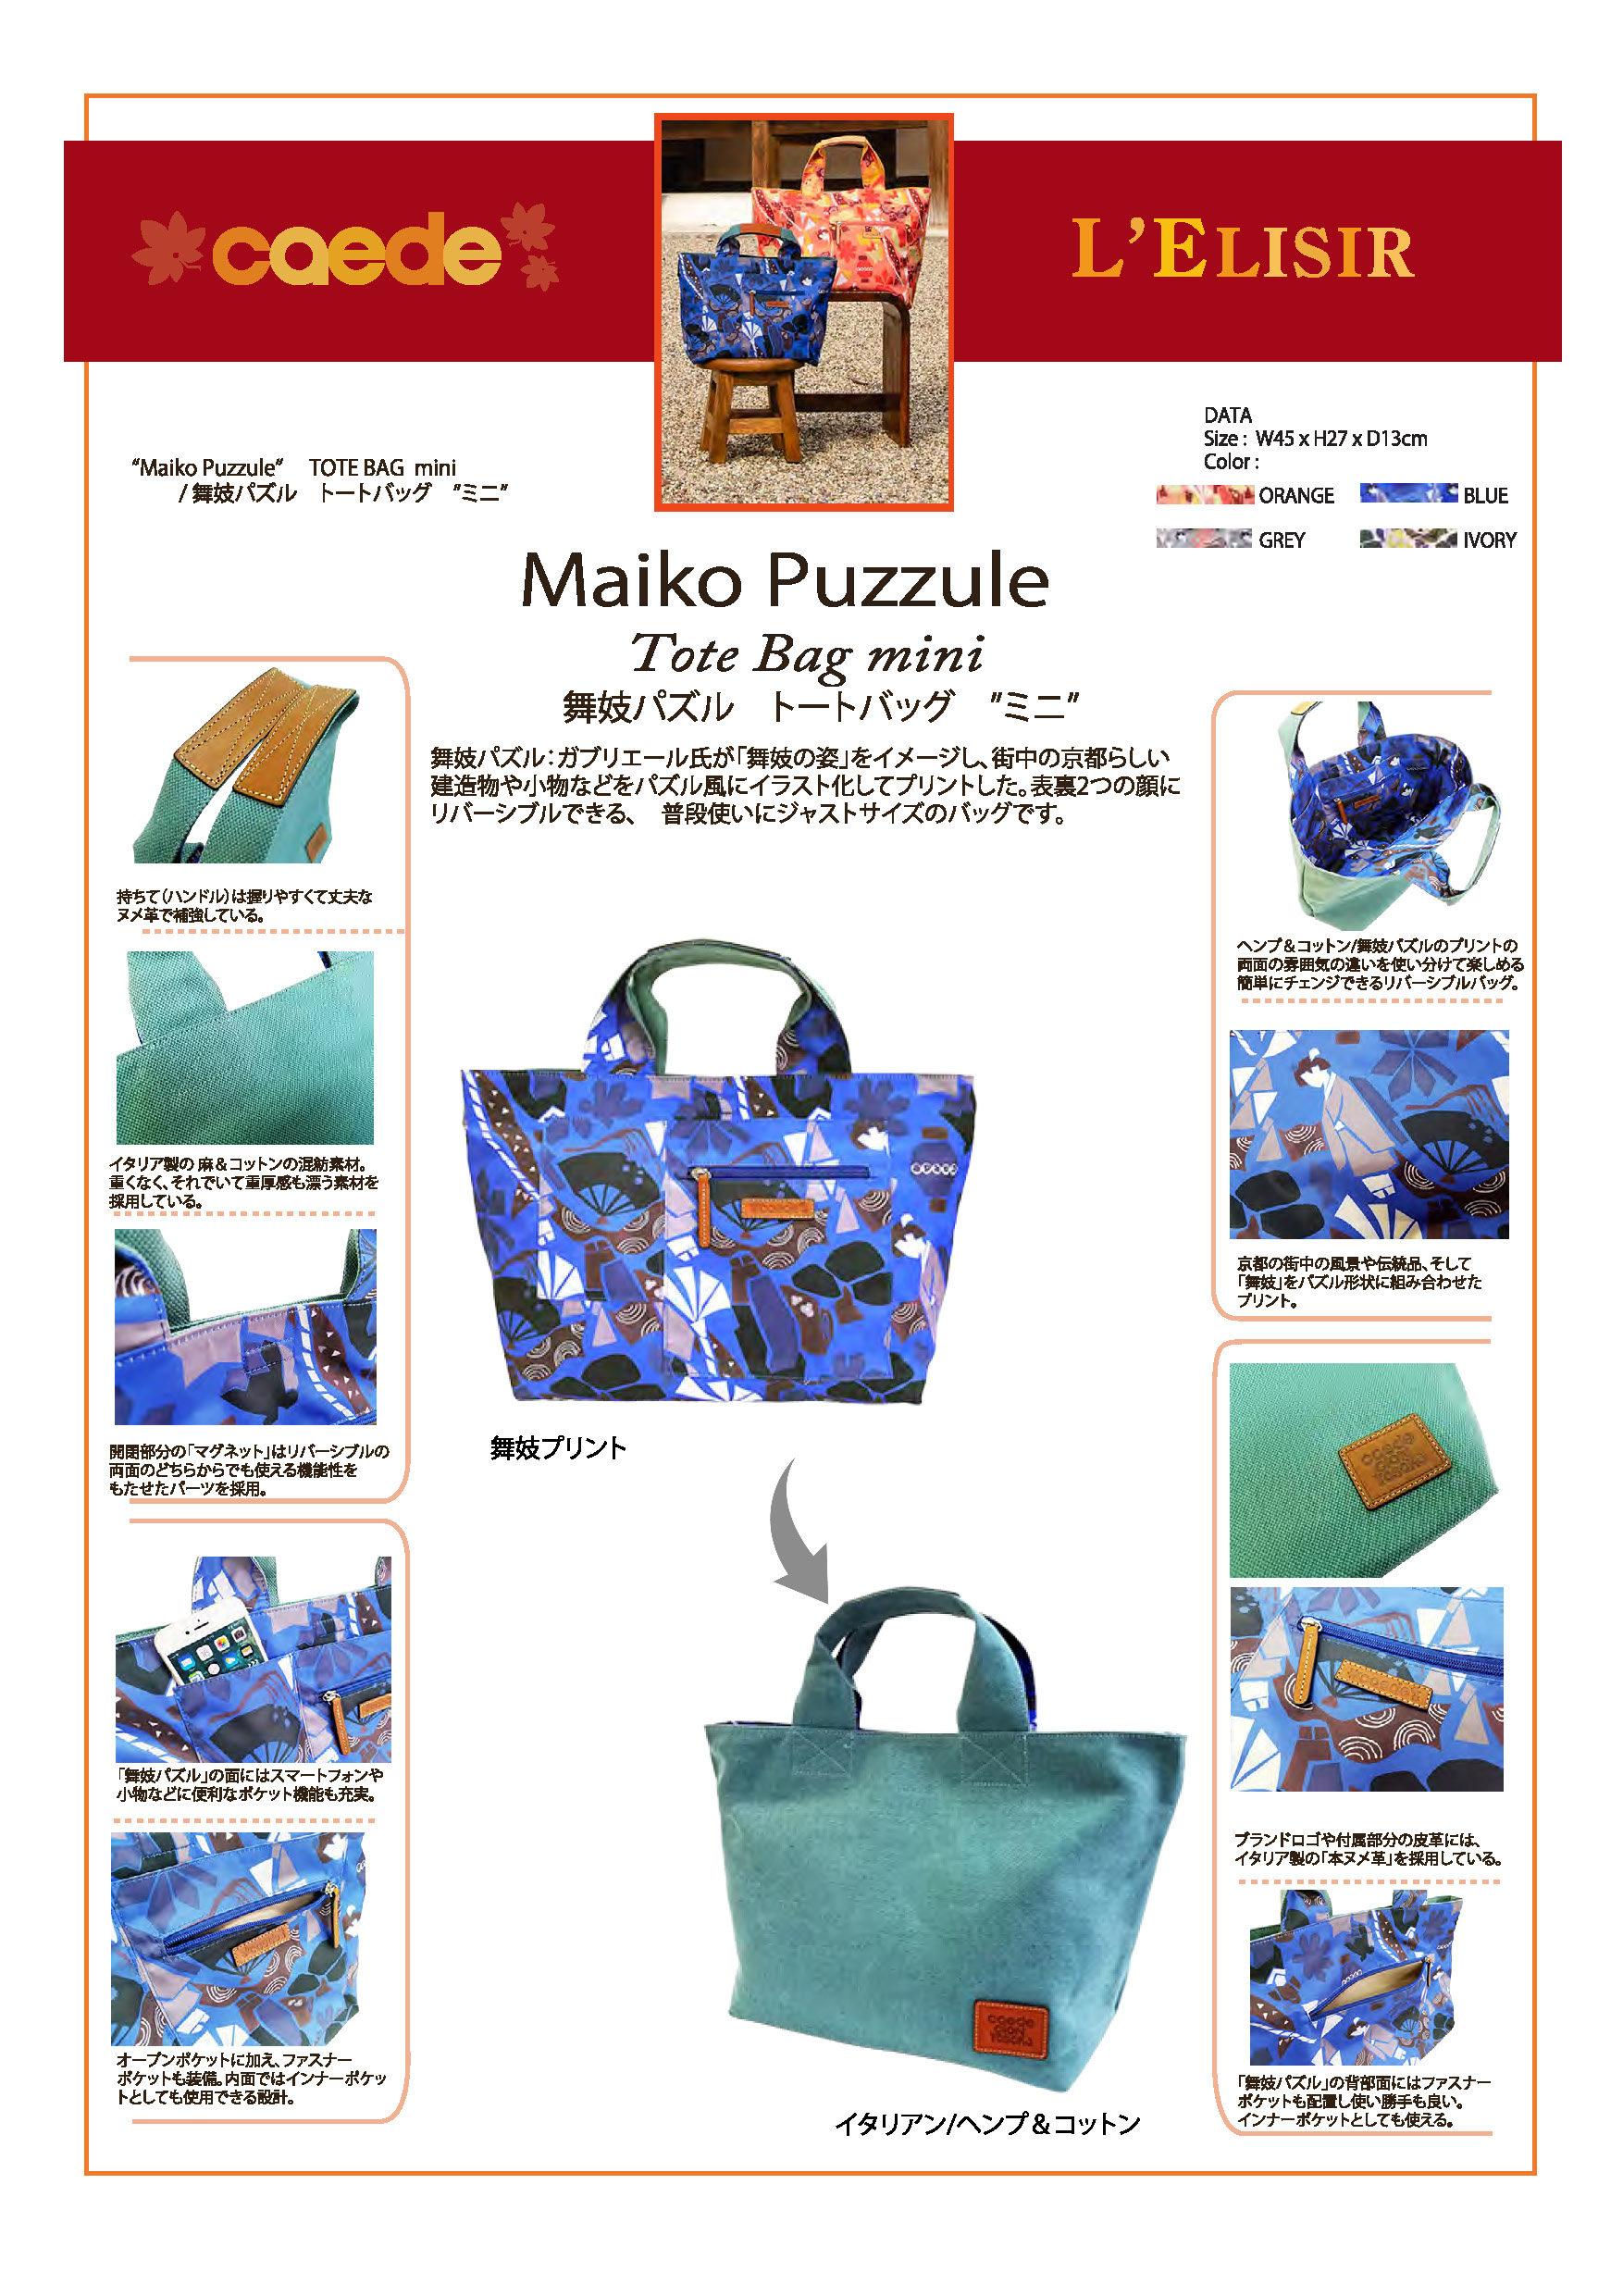 72664-maiko-puzzule tote mini機能説明